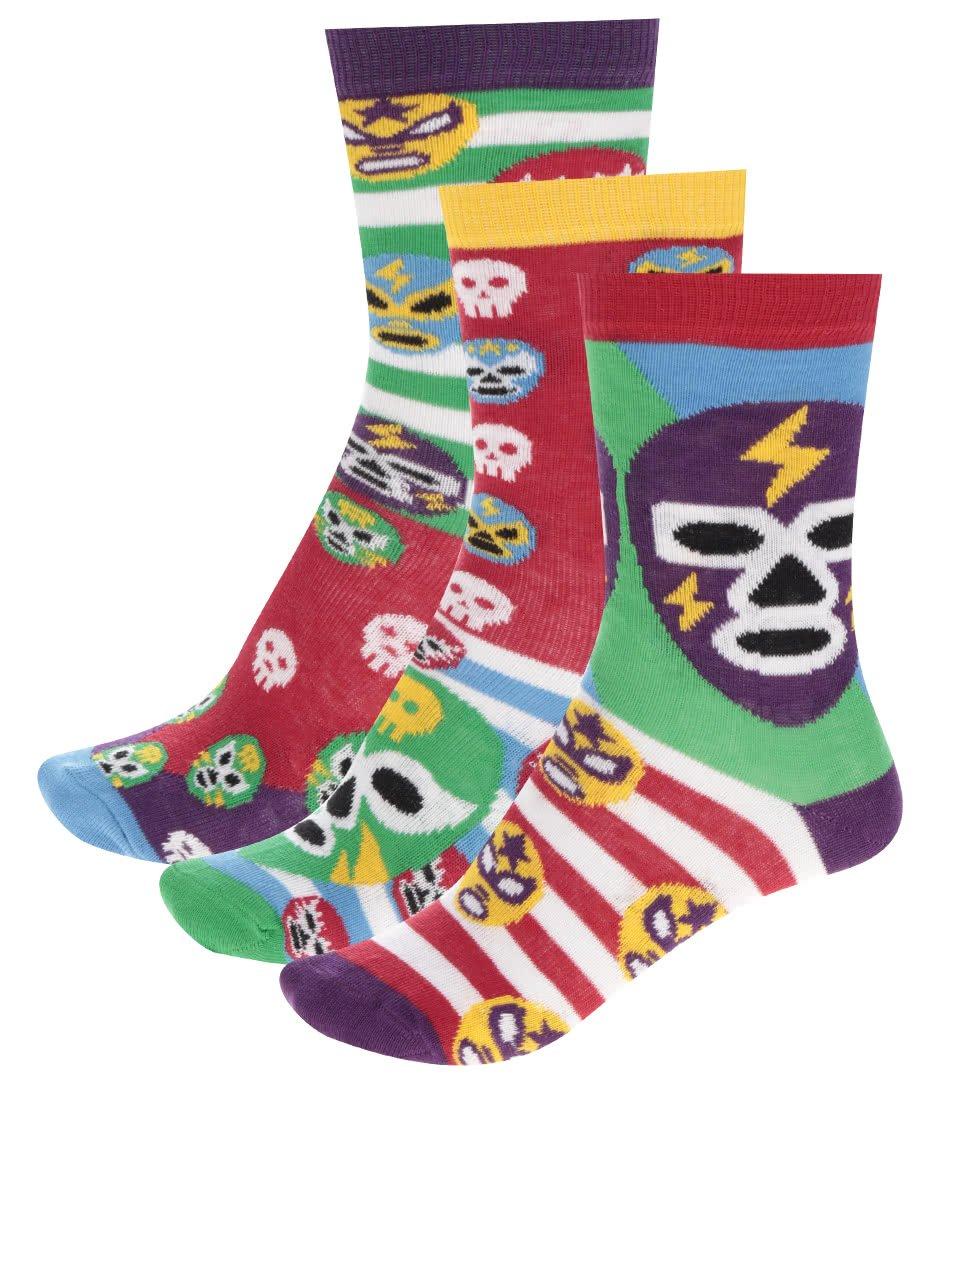 Sada  klučičích ponožek s motivem lebek a masek Oddsocks Mask